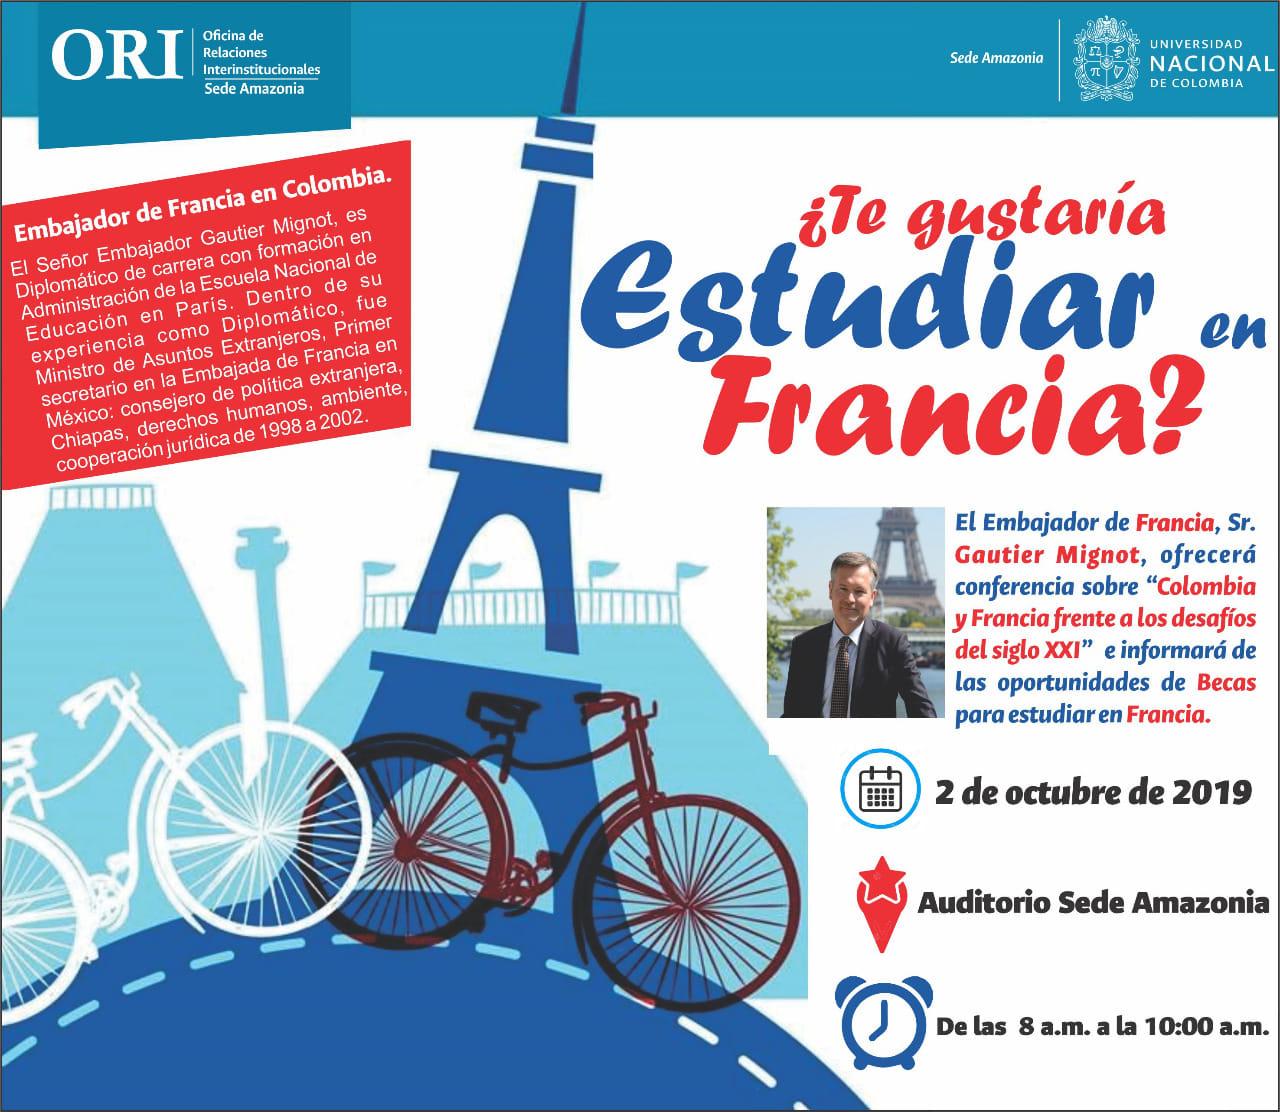 Conferencia «Colombia y Francia frente a los desafíos del siglo XXI» e información sobre becas en Francia (Gautier Mignot)